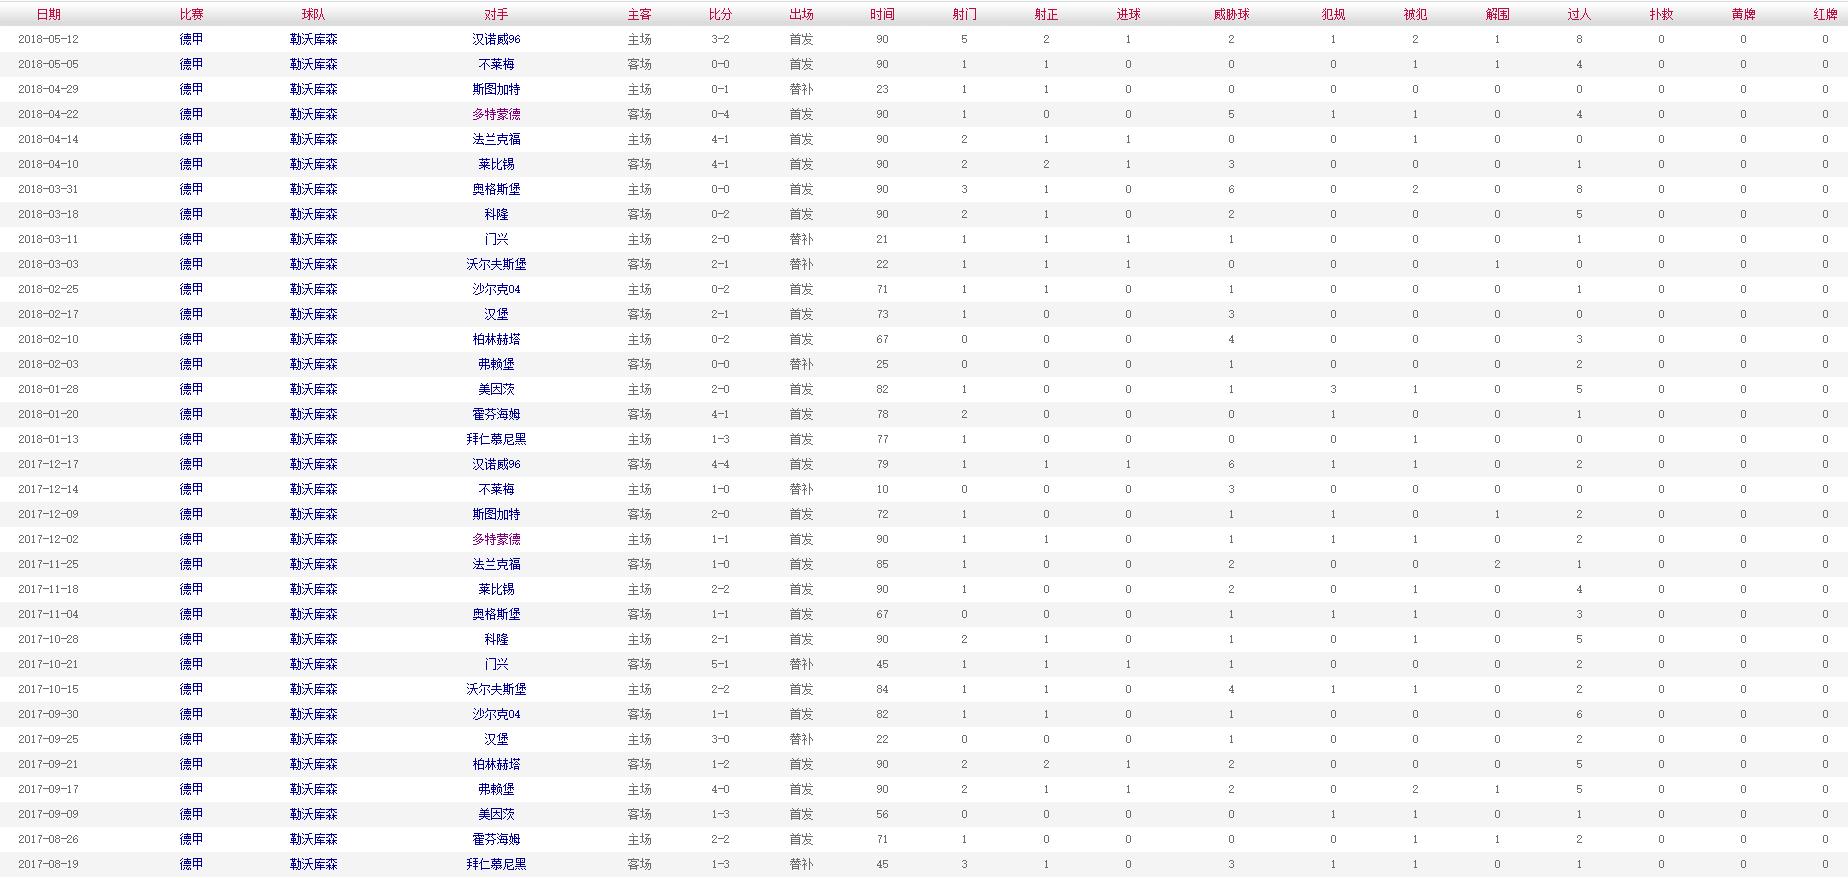 布兰特 2017-2018赛季比赛数据